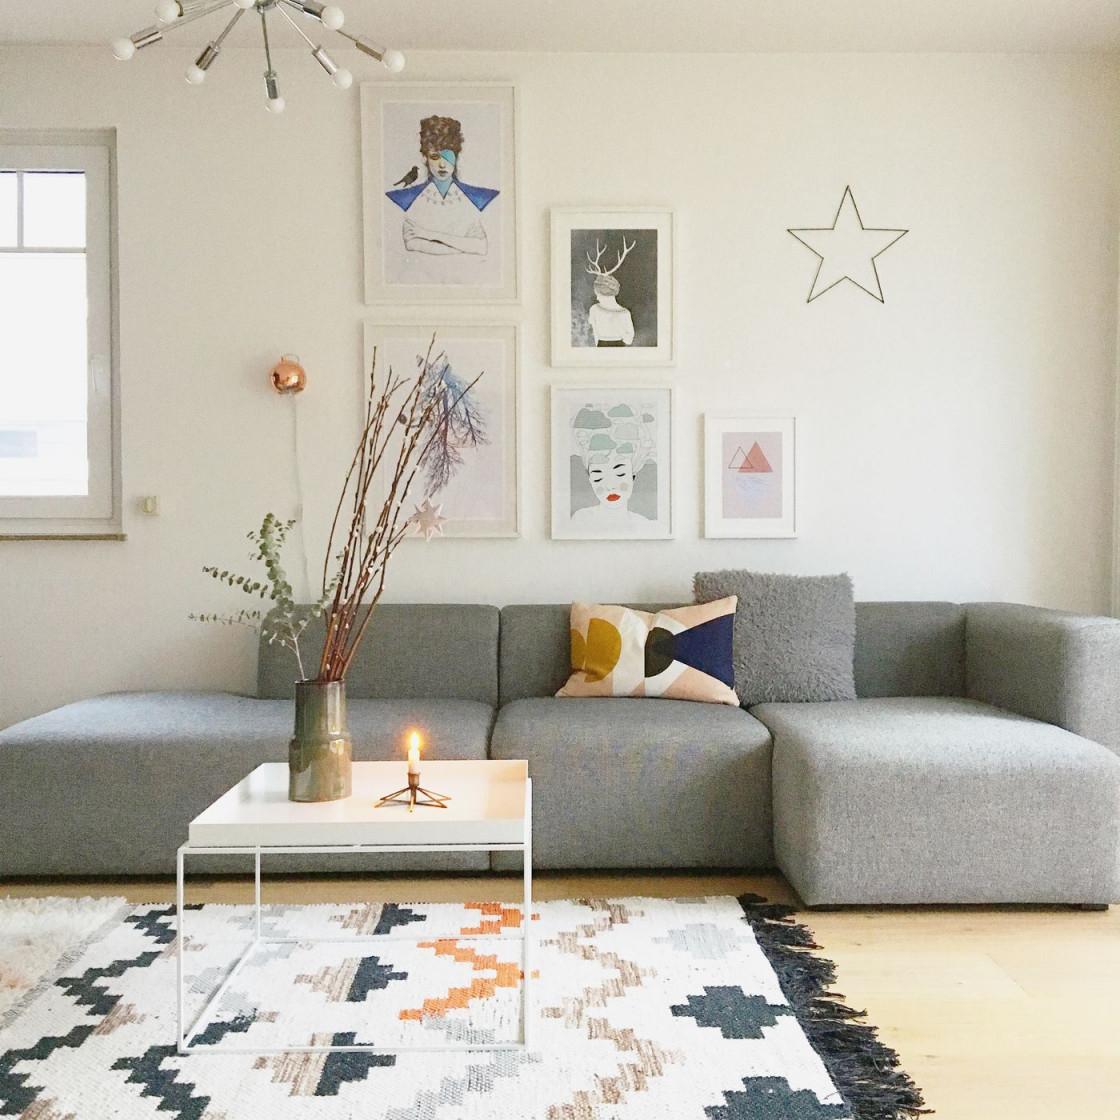 Die Besten Ideen Für Die Wandgestaltung Im Wohnzimmer von Bilder Wandgestaltung Wohnzimmer Bild